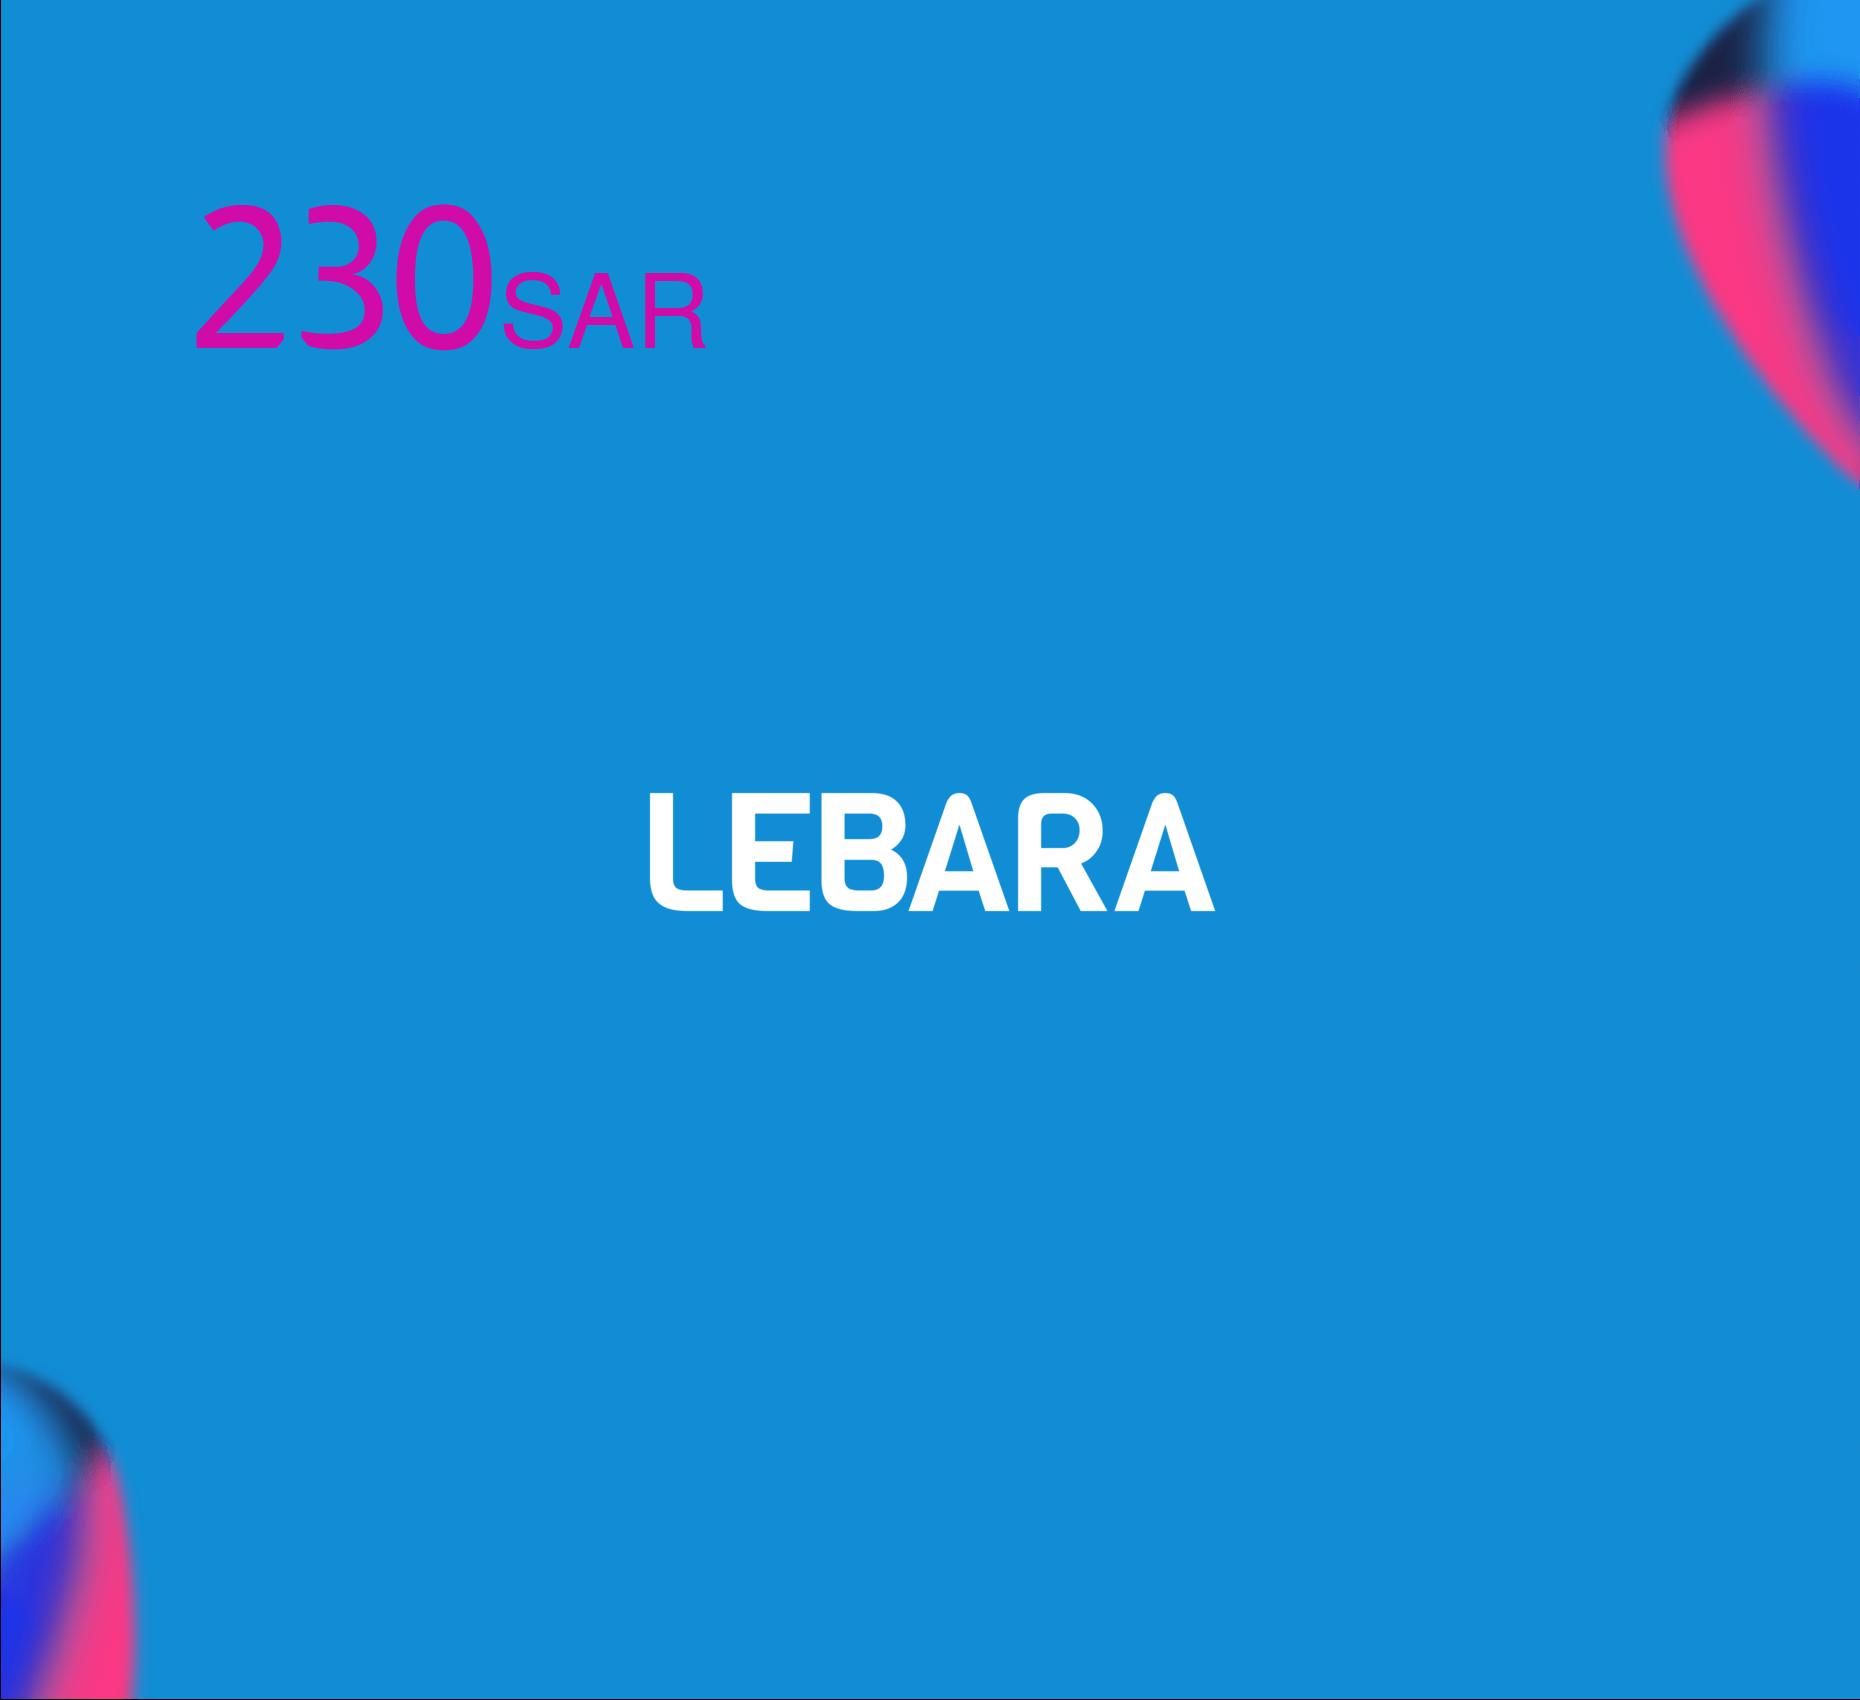 Lebara Recharge Card SR 230